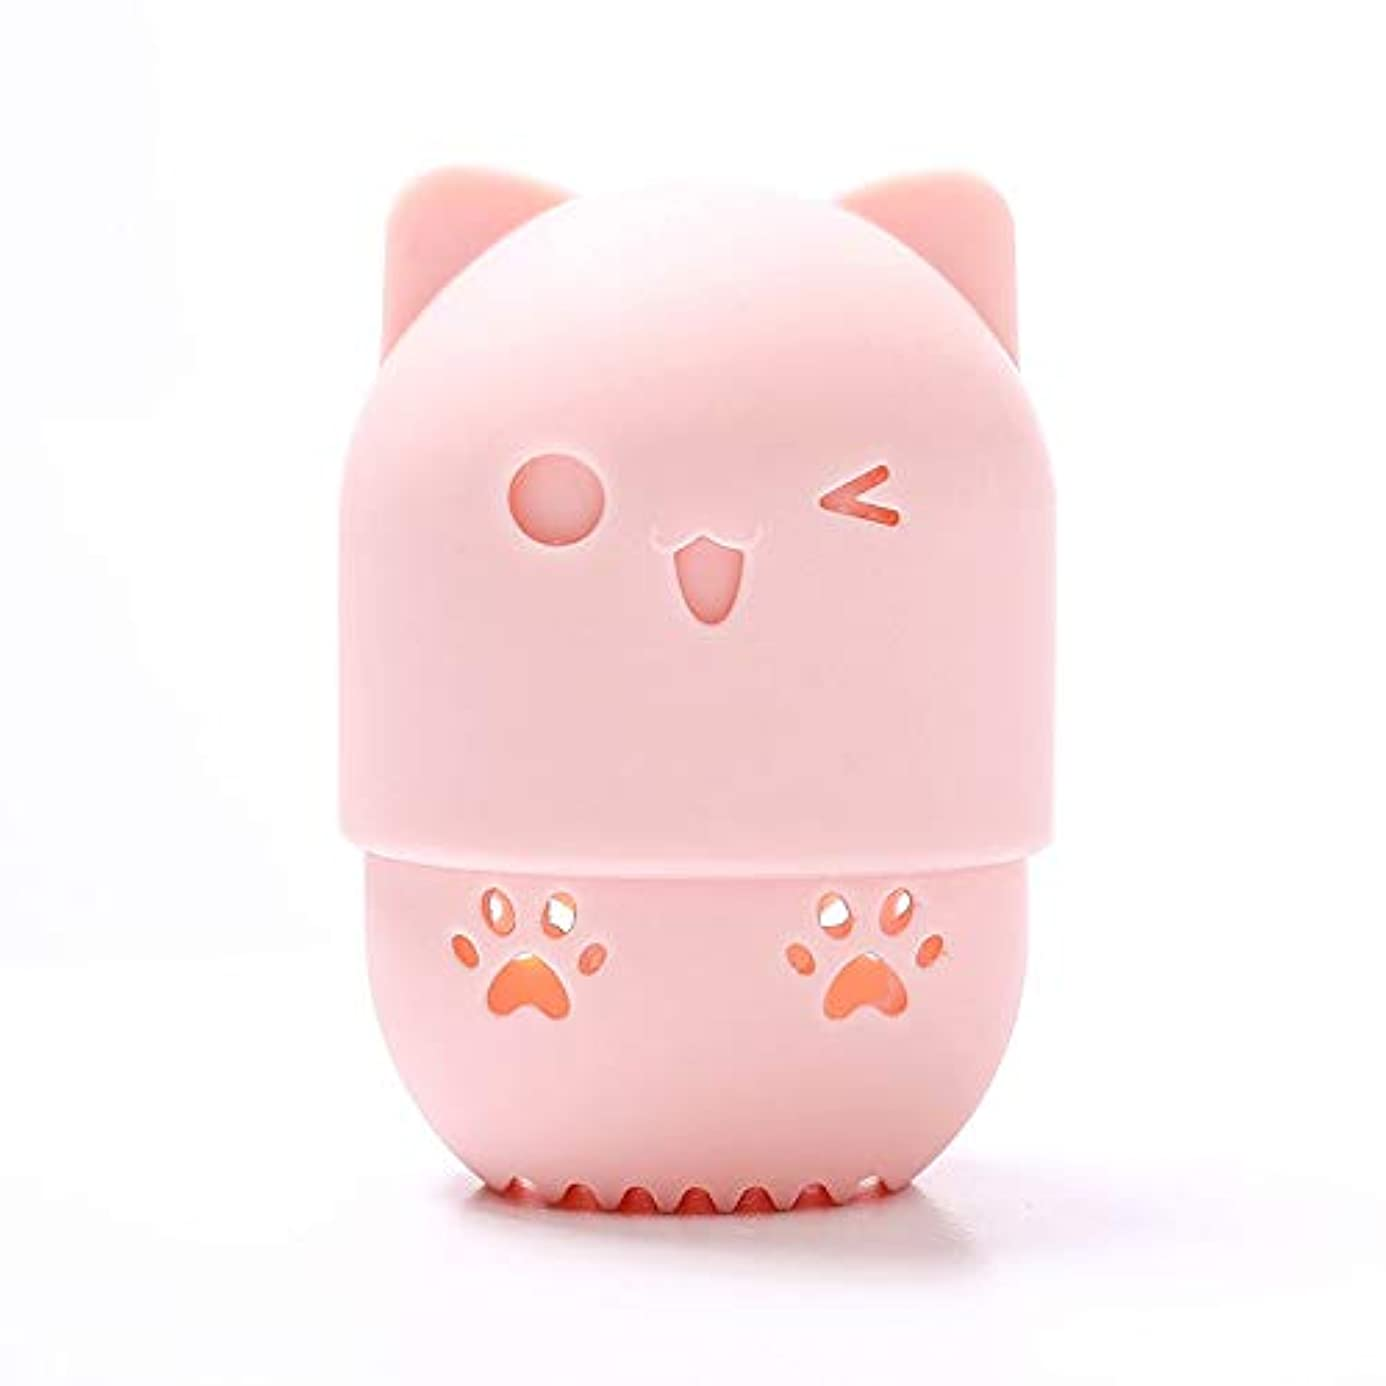 種類安心させるビルマスポンジパフ収納ボックス ,可愛い通気性を柔らか美容スポンジ シリコン旅行 キャリングケース、あらゆる化粧スポンジ適用 (ピンク)